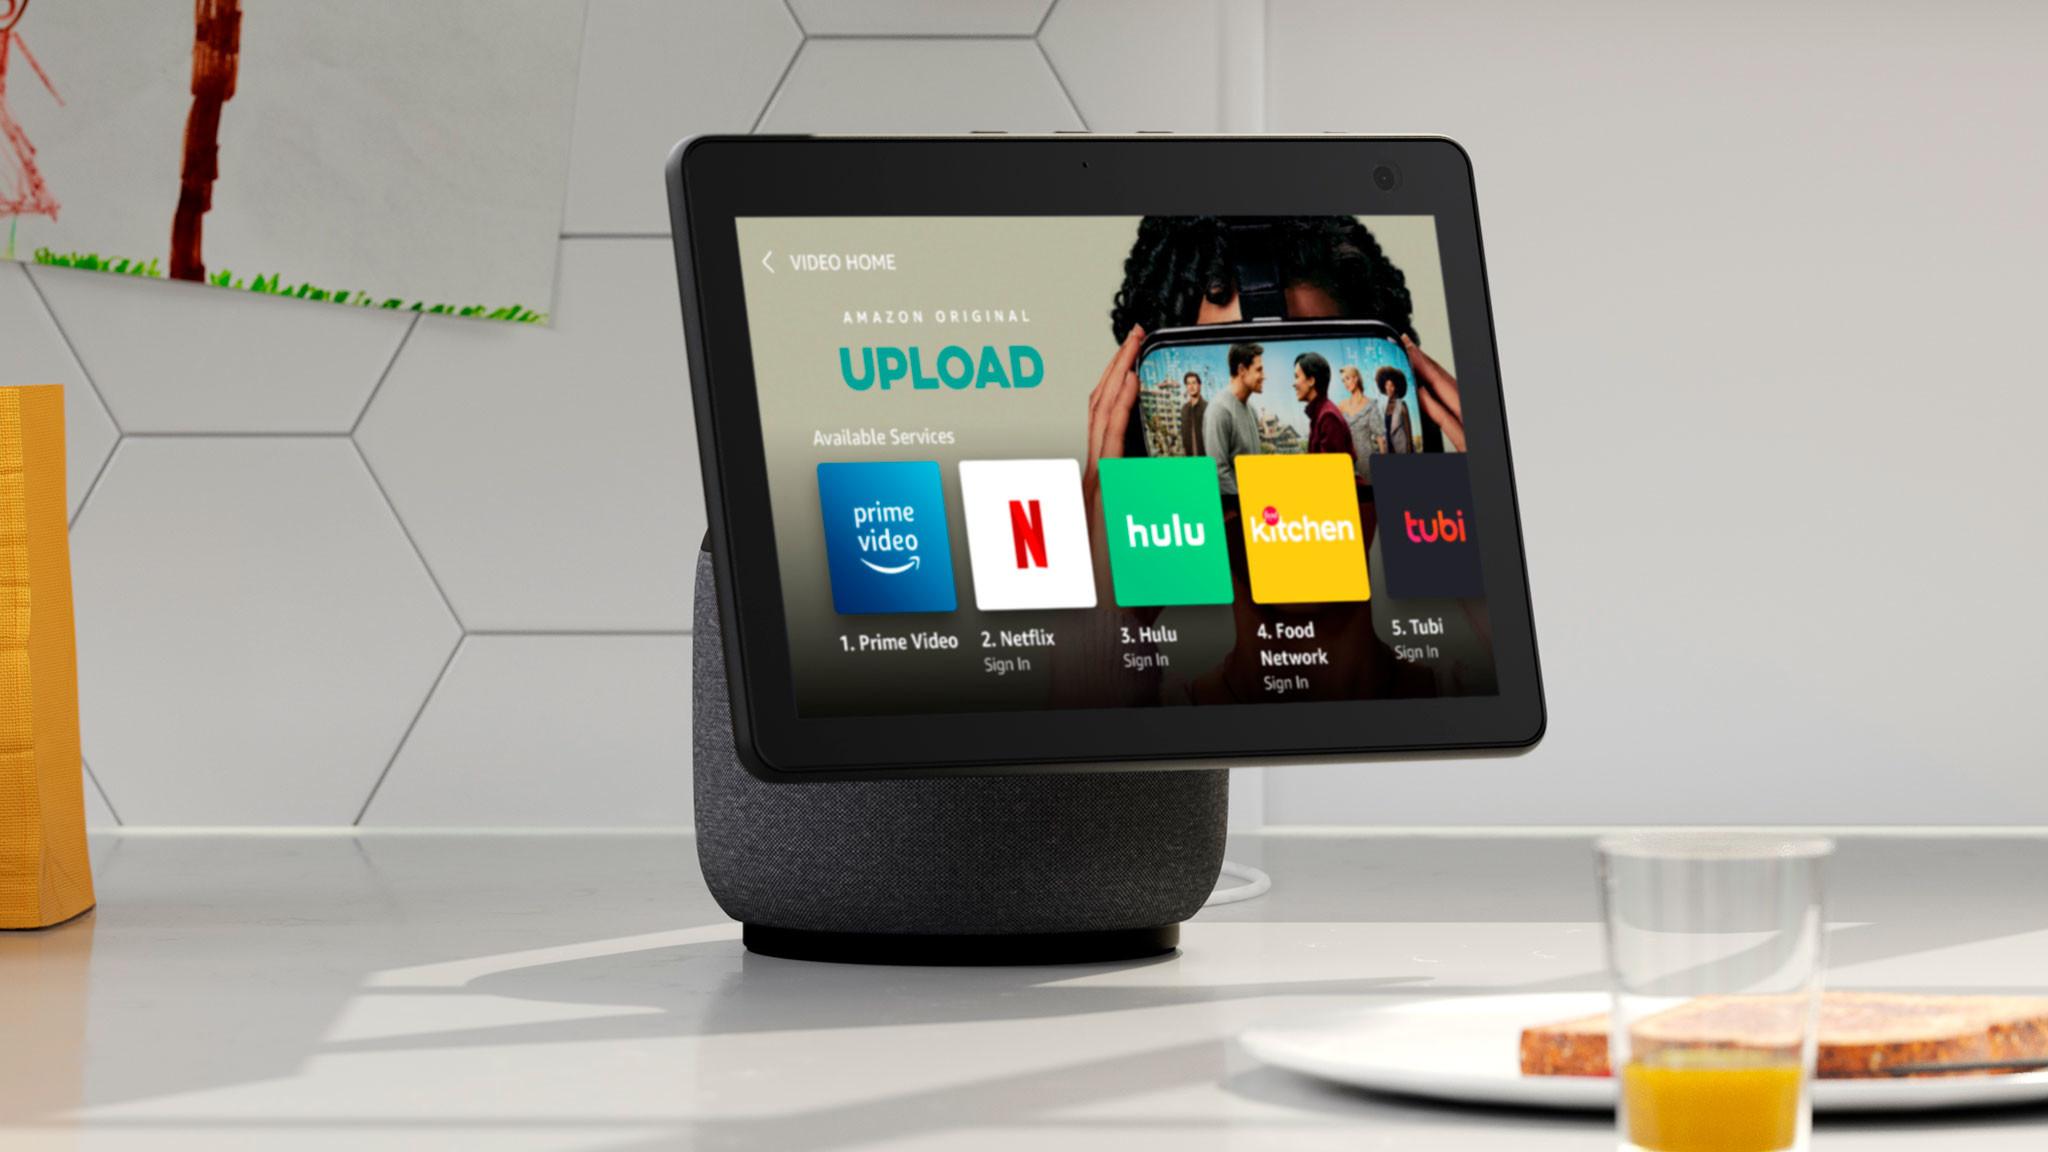 Der Amazon Echo Show 10 steht in einer Küche vor einem Teller mit Schinken und einem Glas Saft.©Amazon